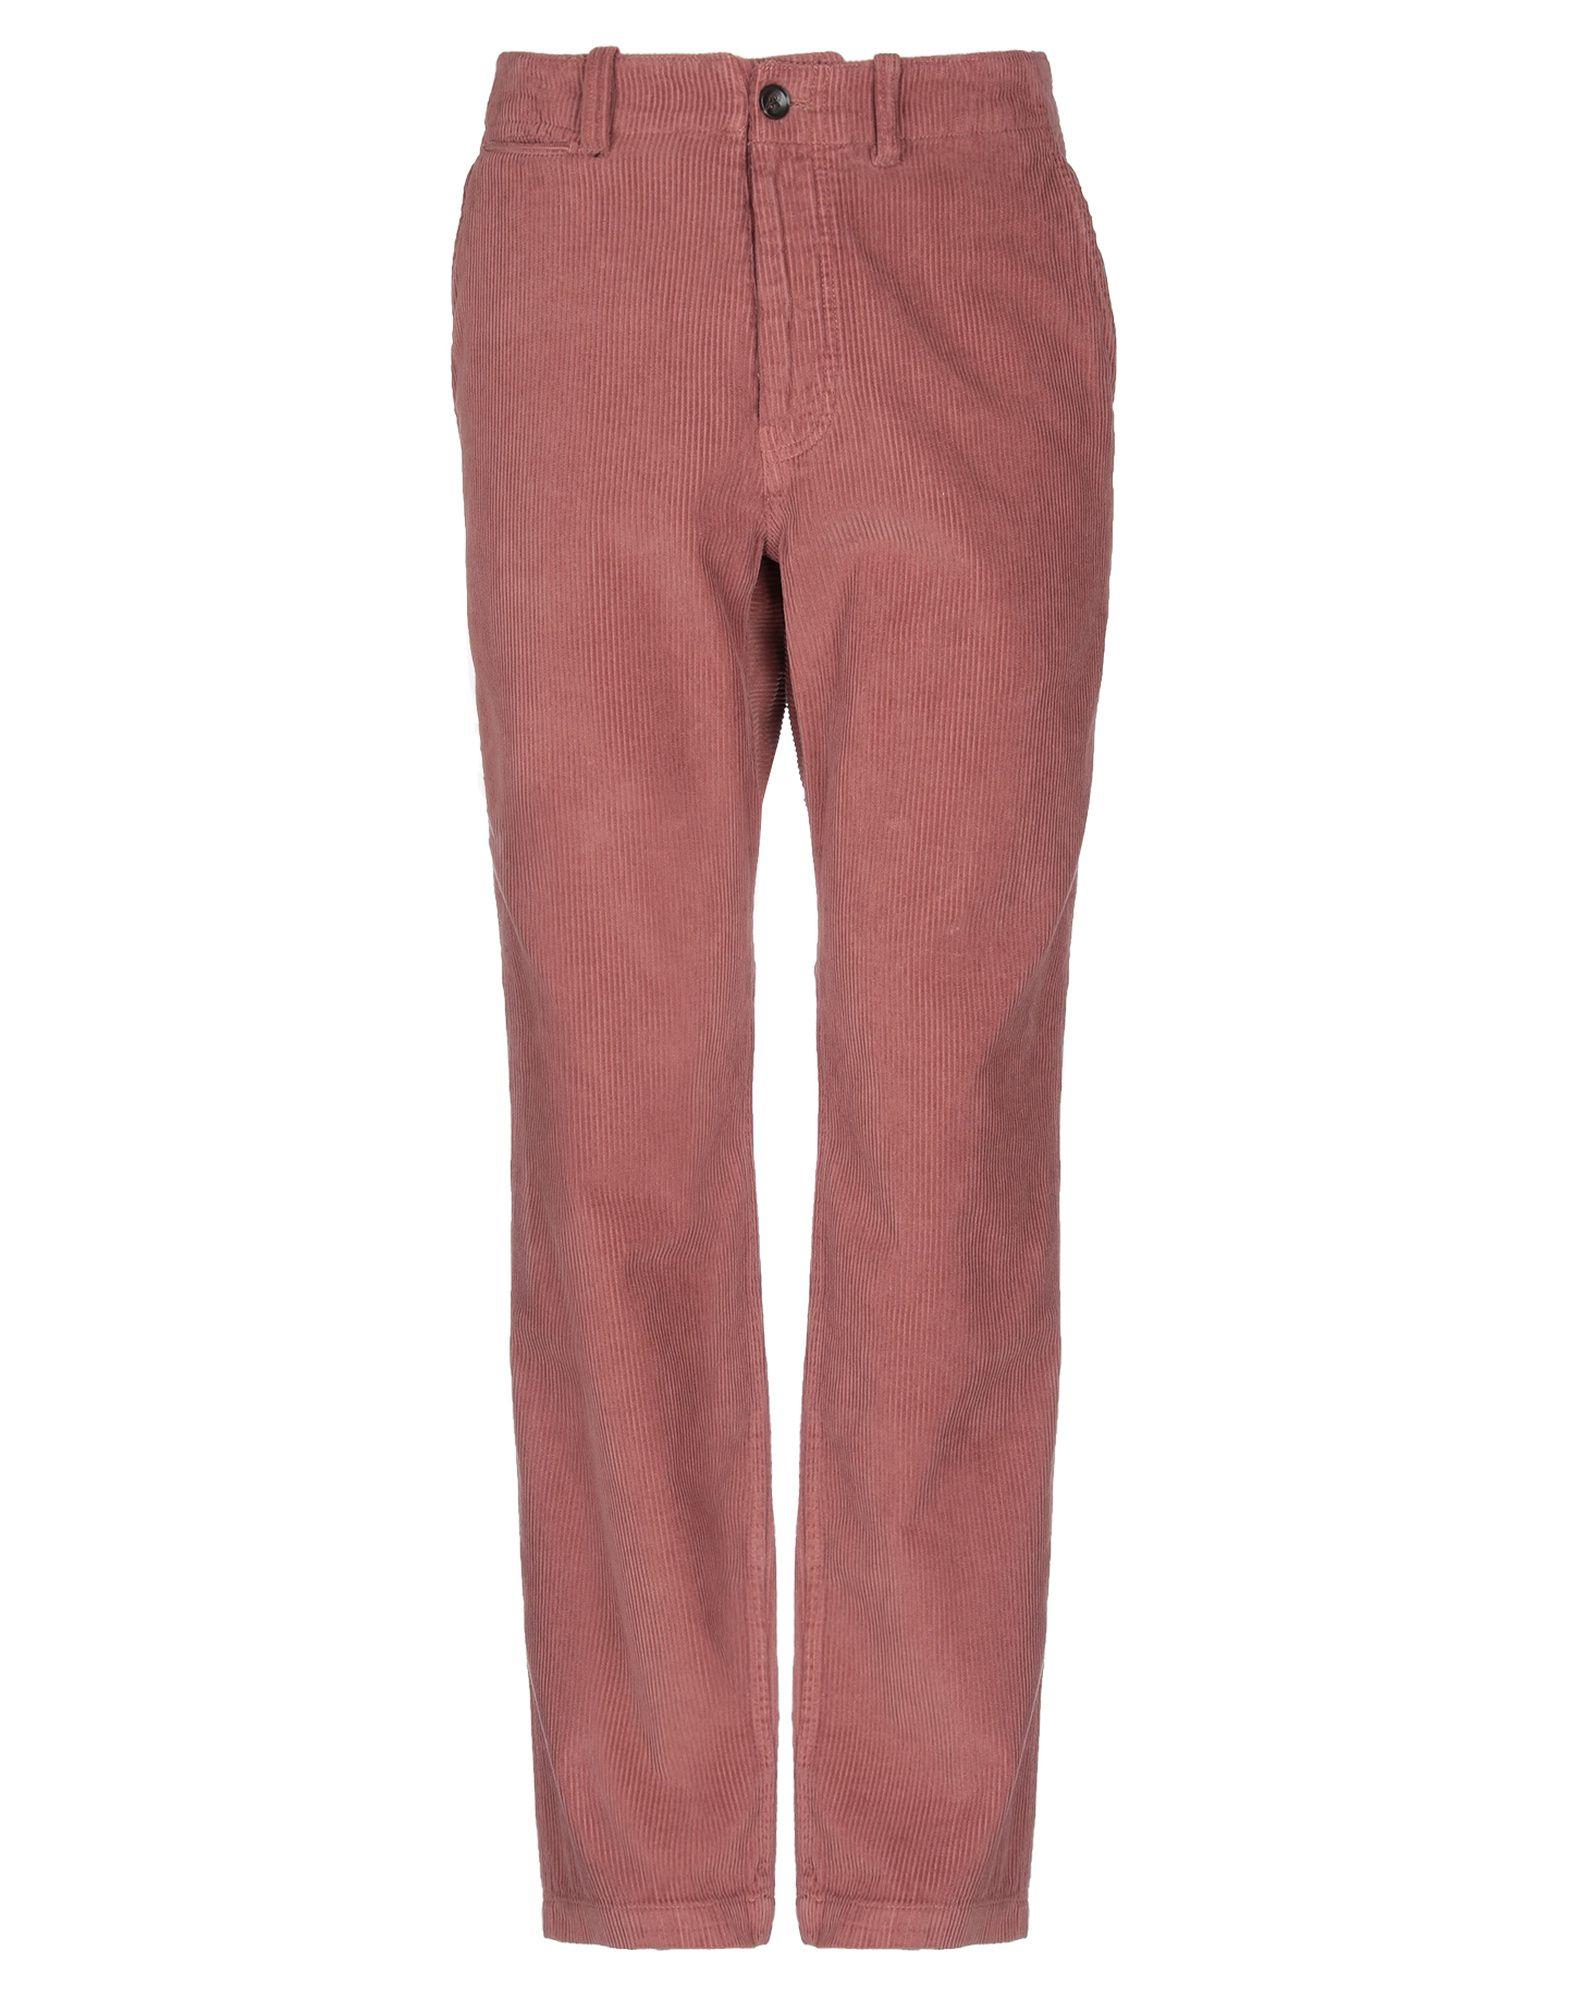 SATURDAYS NEW YORK CITY Повседневные брюки saturdays new york city пляжные брюки и шорты